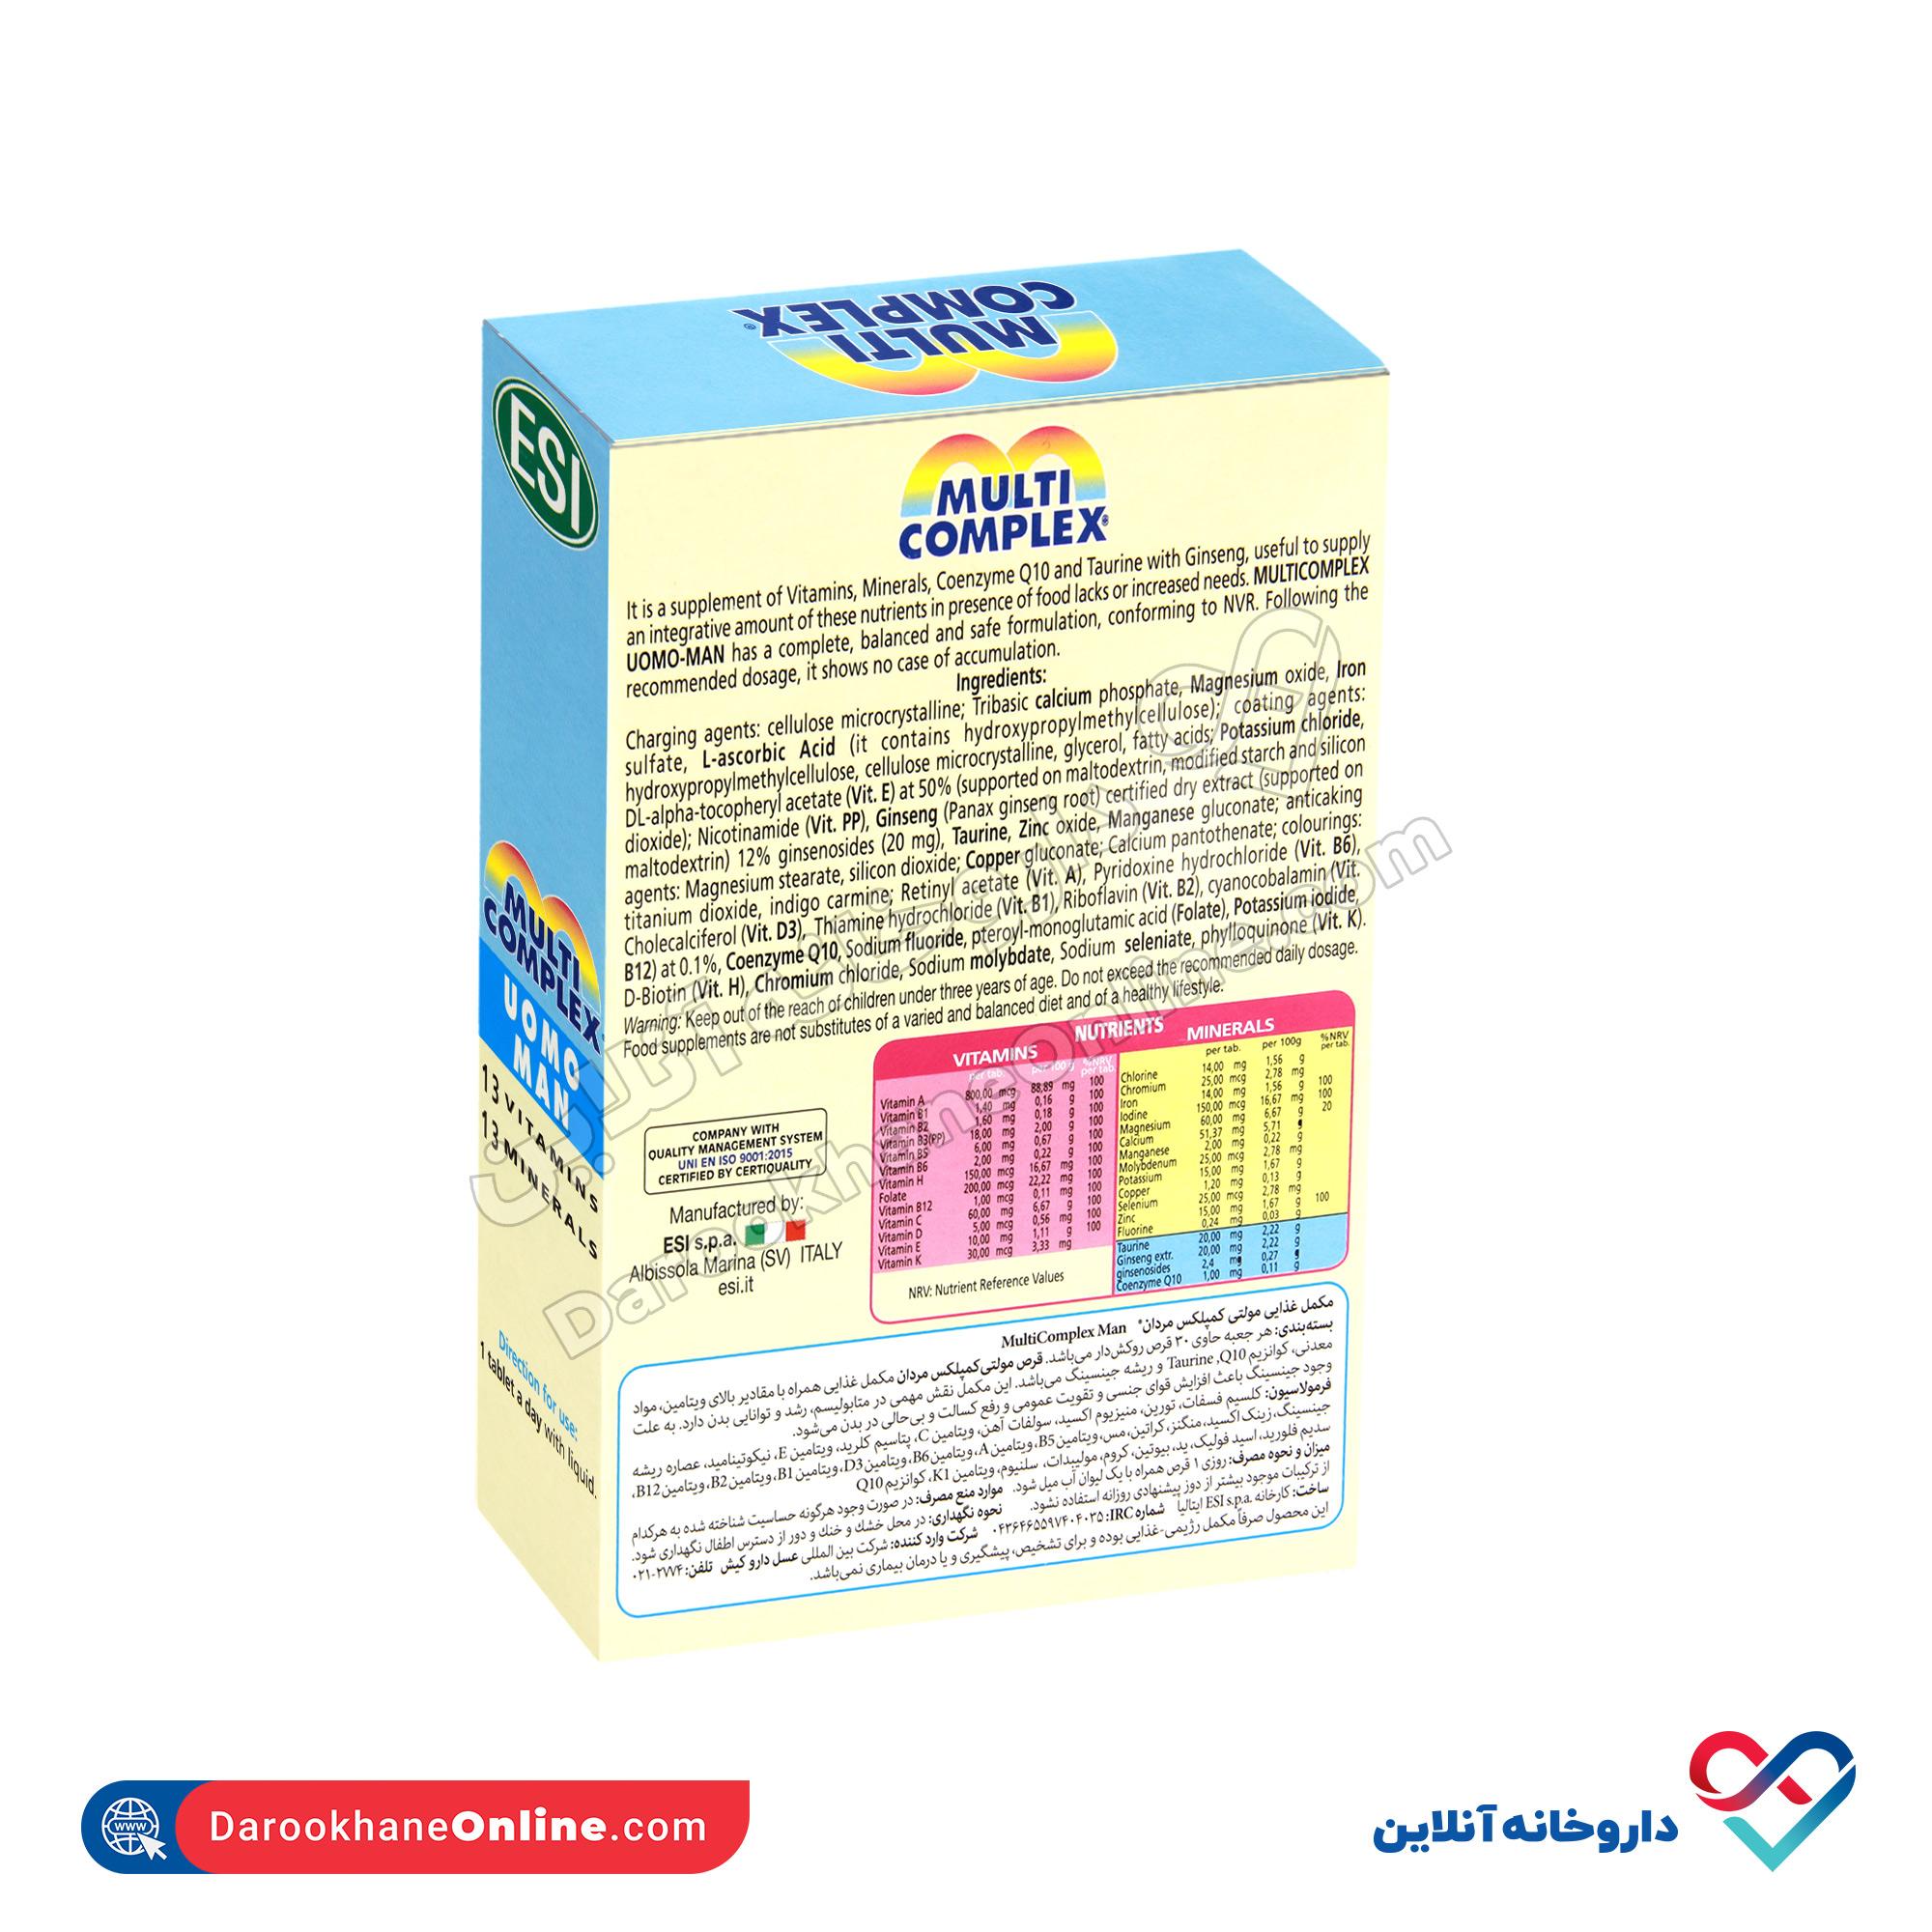 قرص مولتی کمپلکس آقایان ای اس آی | 30 عدد | ترکیبی از 28 ویتامین و مواد معدنی